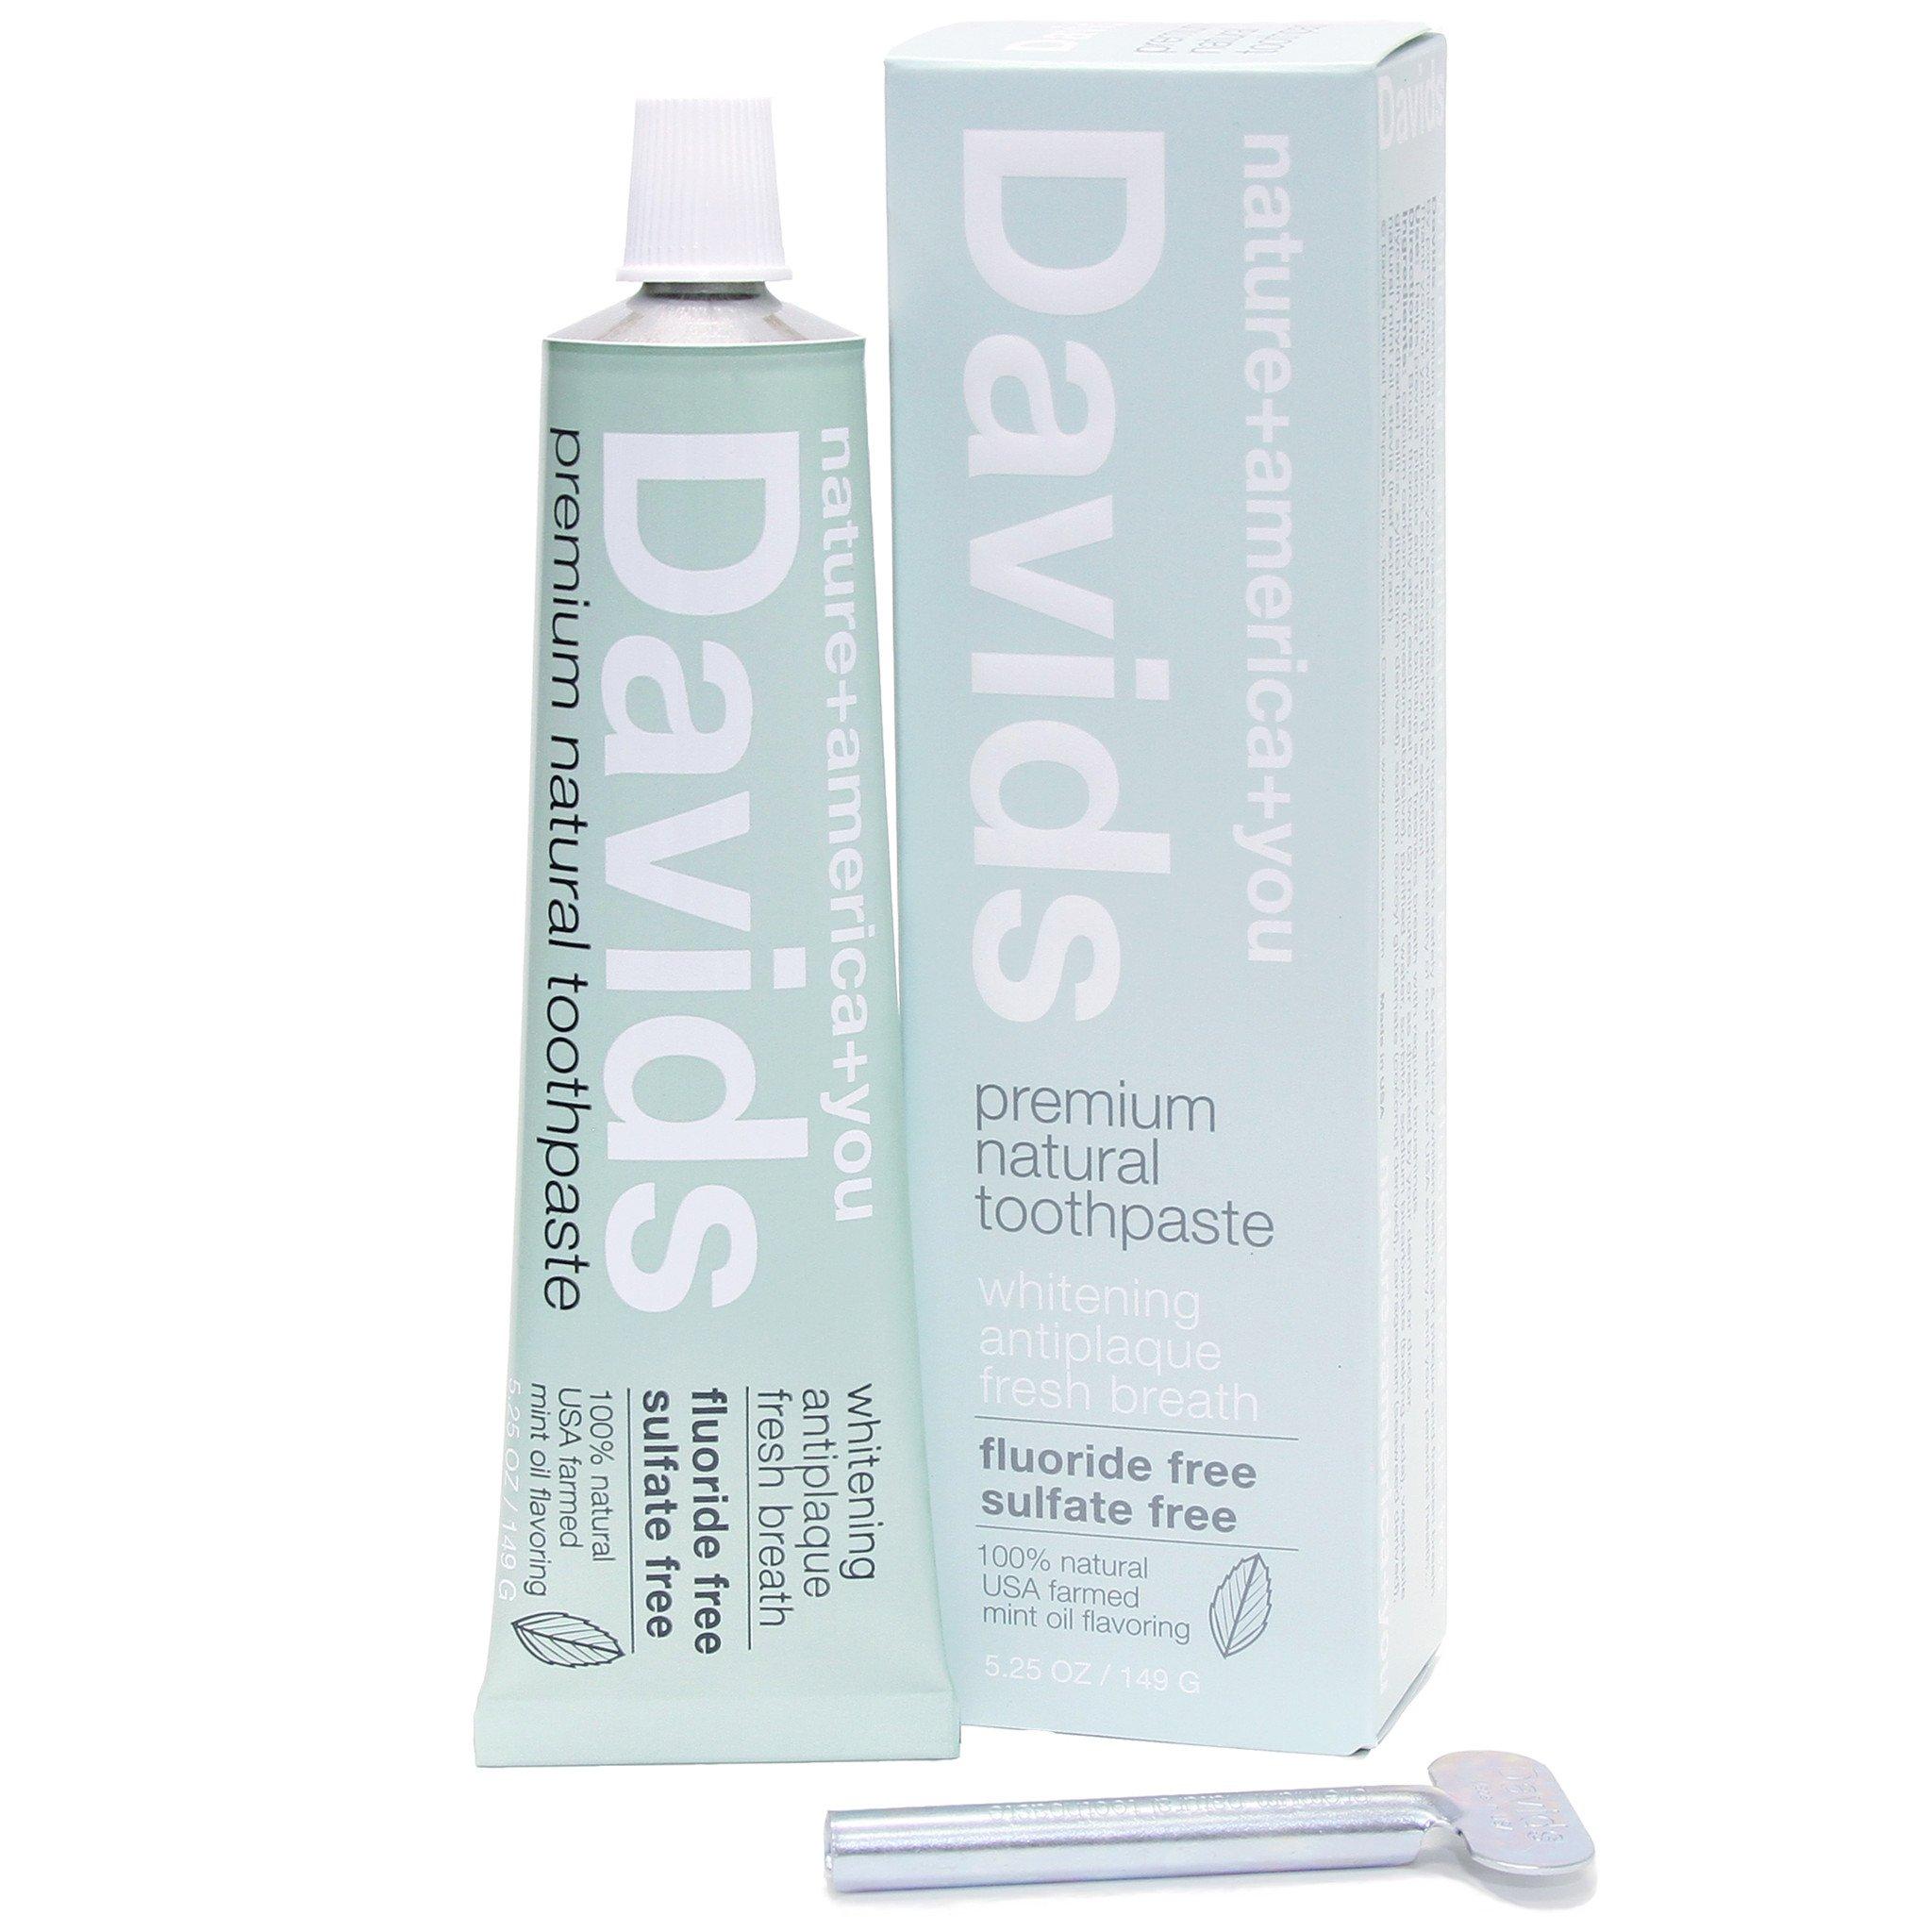 David's Toothpaste | smelltheroses.com